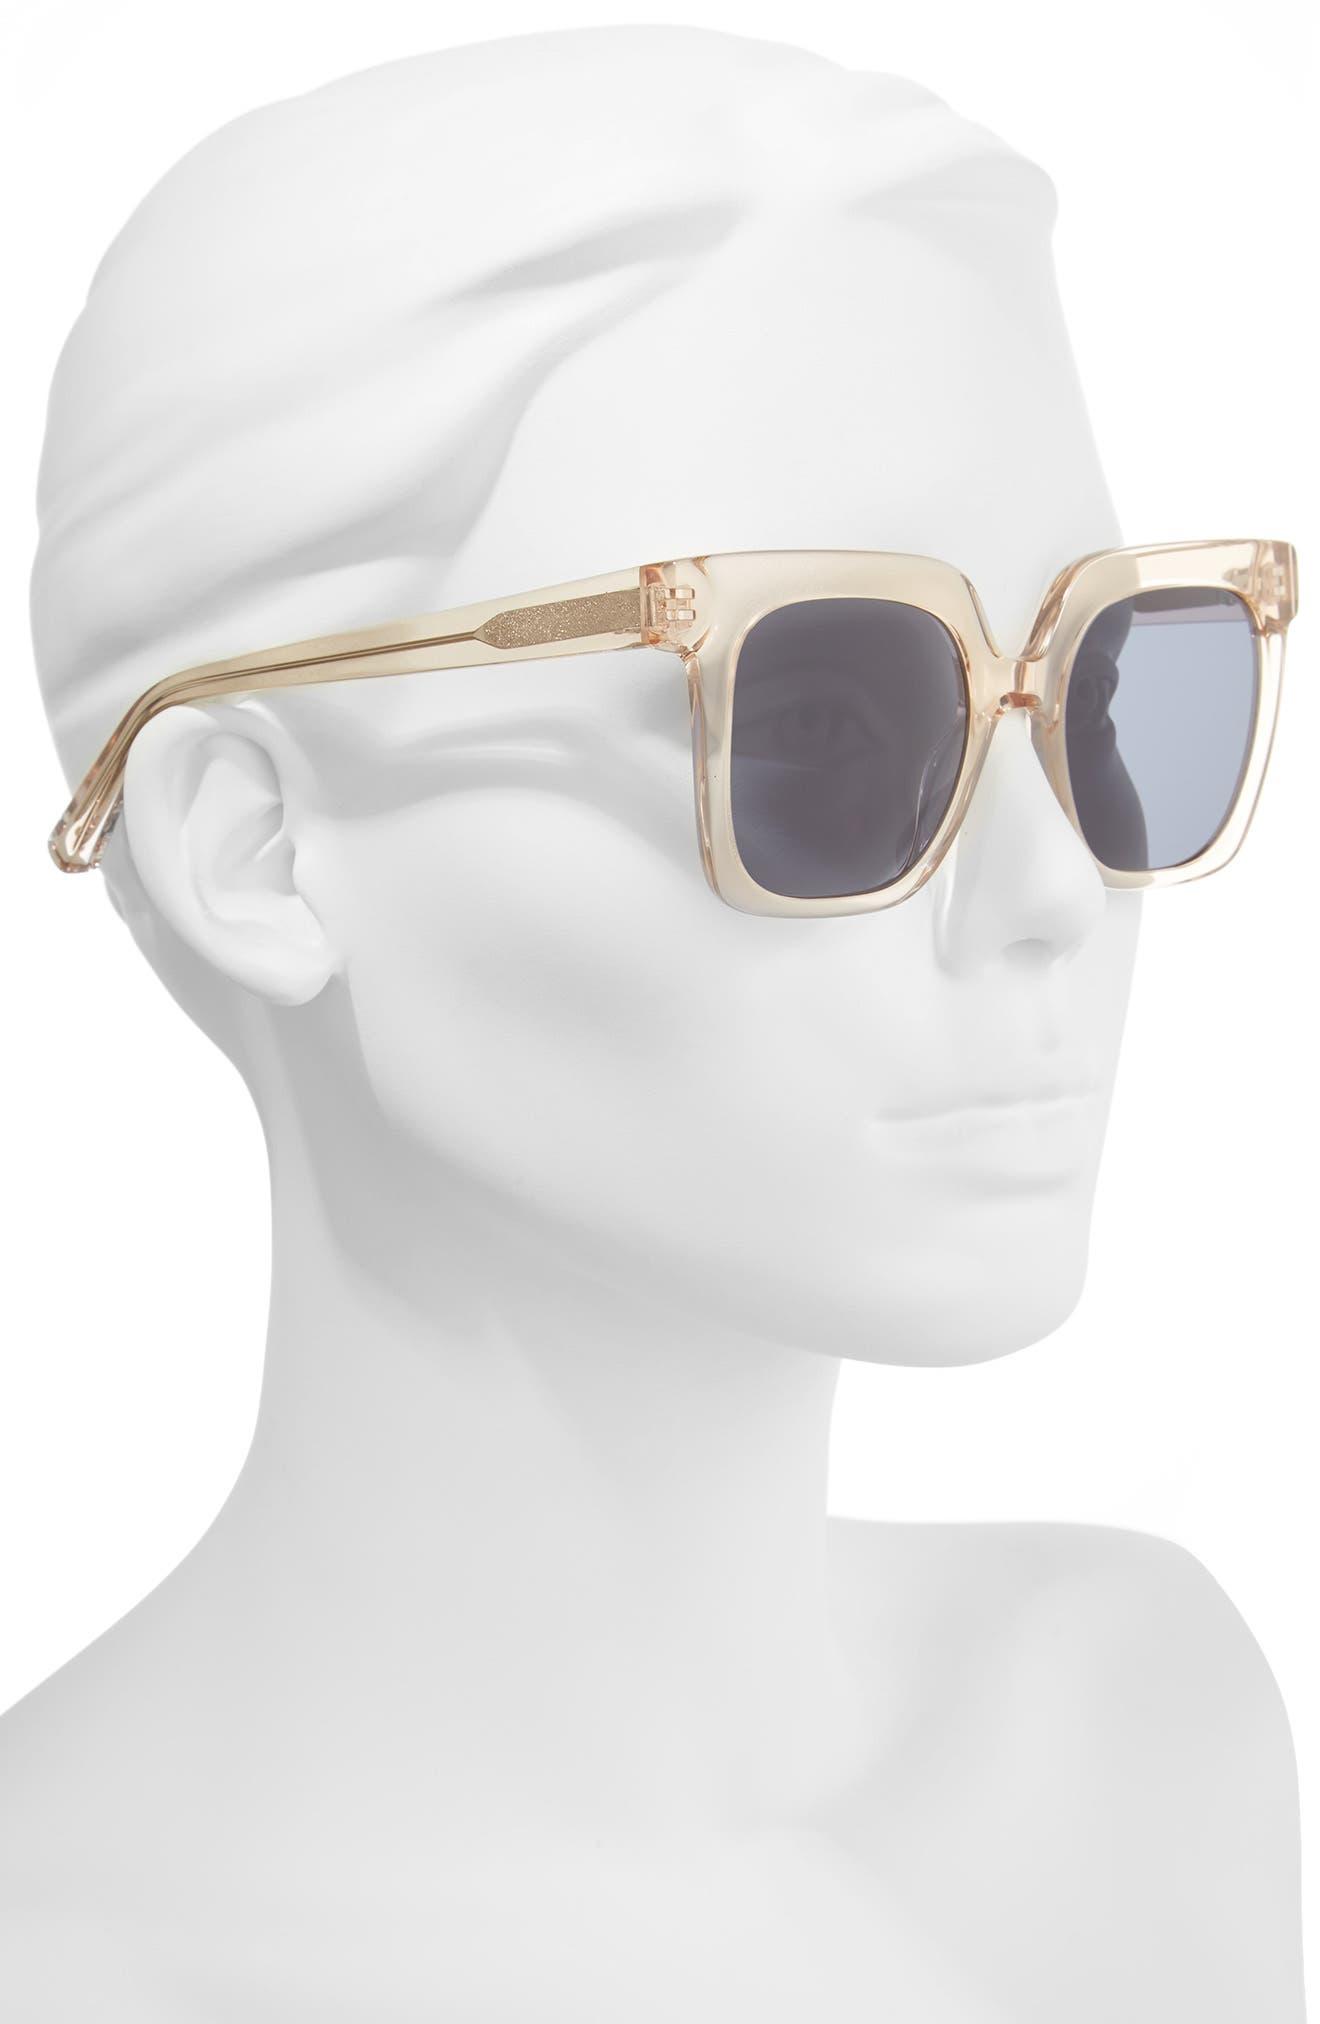 Rae 51mm Square Sunglasses,                             Alternate thumbnail 6, color,